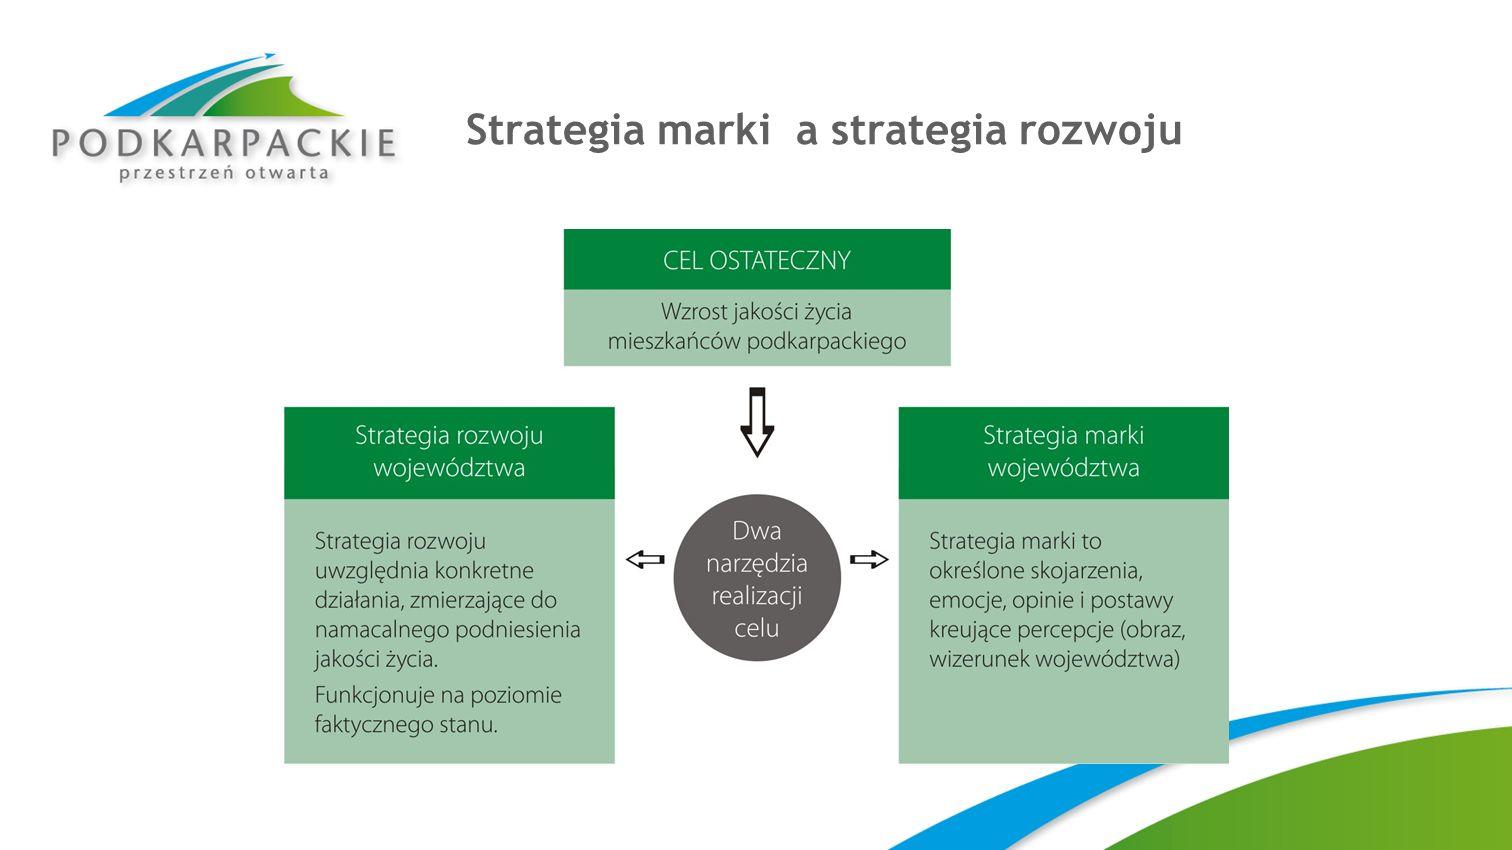 Strategia marki a strategia rozwoju